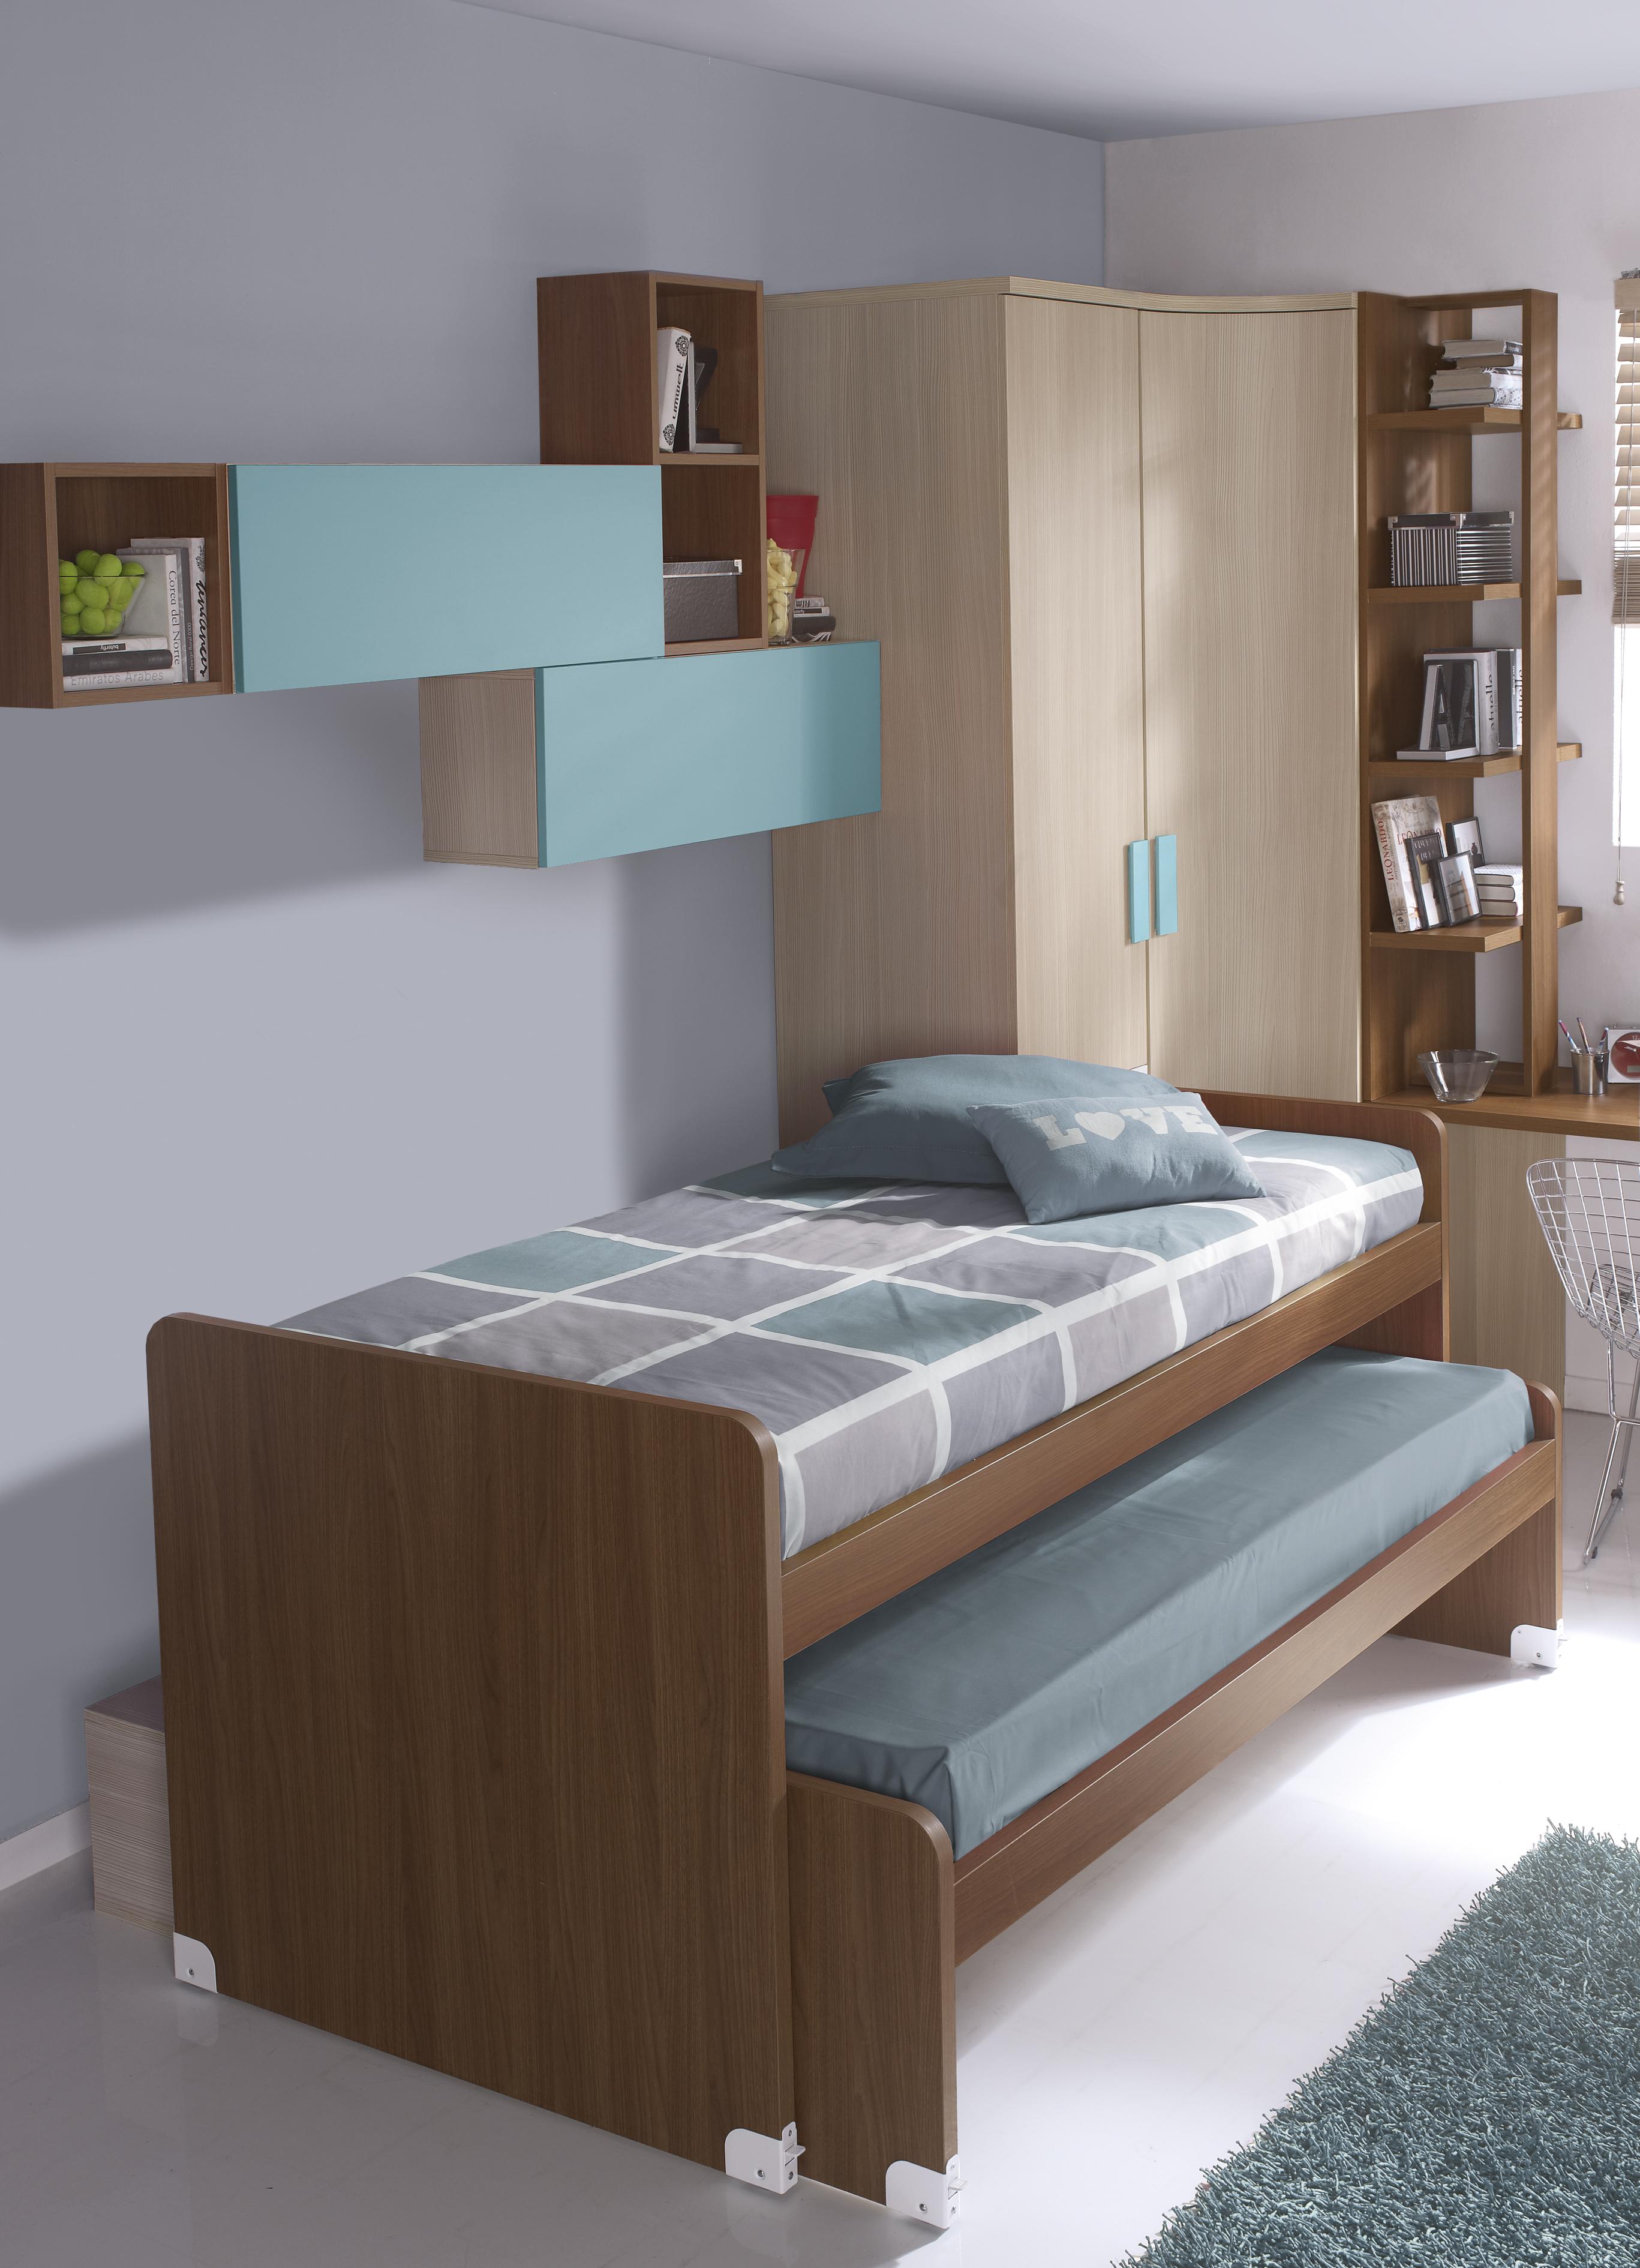 Dormitorios juveniles nietohogar - Habitaciones juveniles 2 camas ...